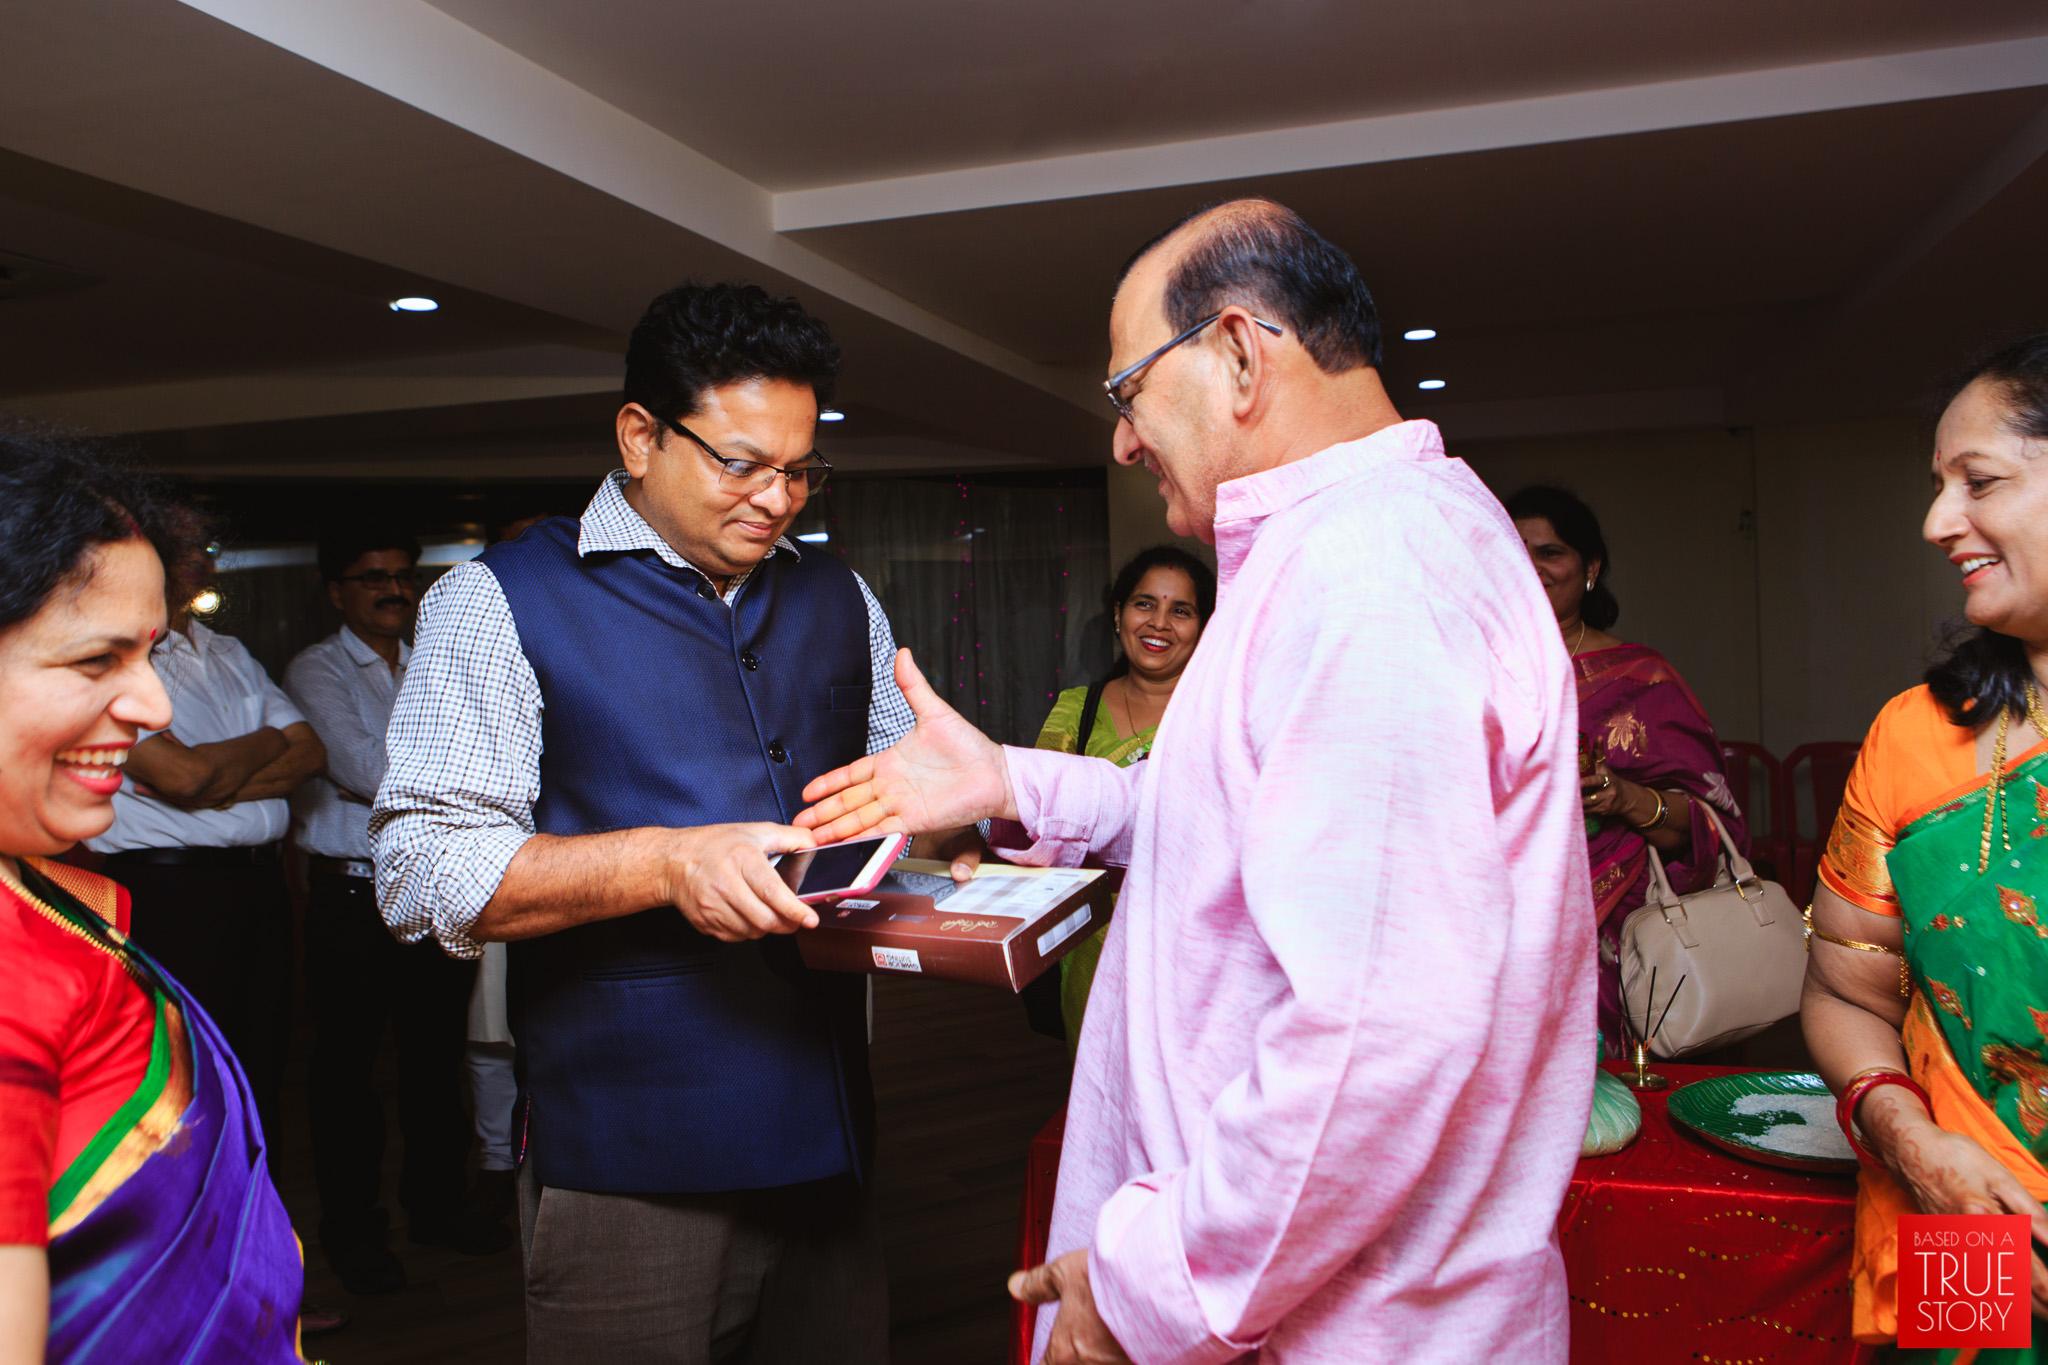 candid-wedding-photography-bhubaneswar-0042.jpg